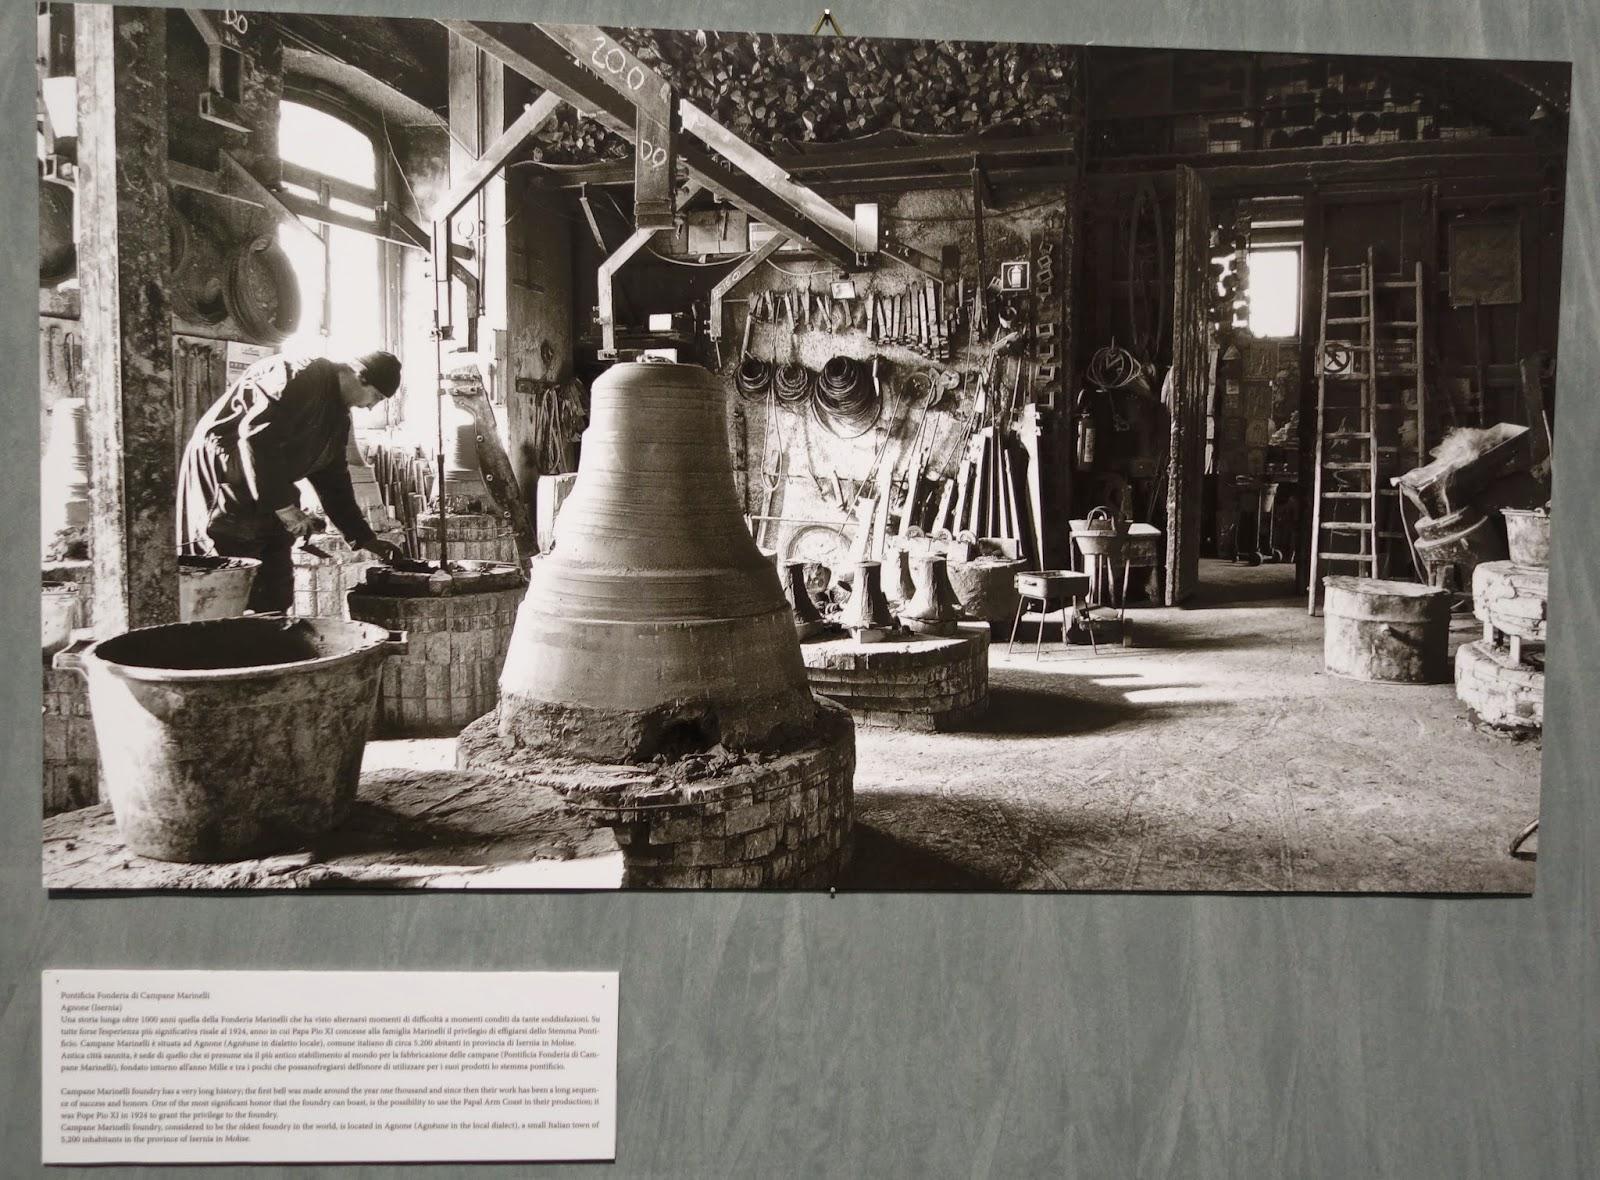 bell making Salon del Restauro Florence Italy Fortezza da Basso